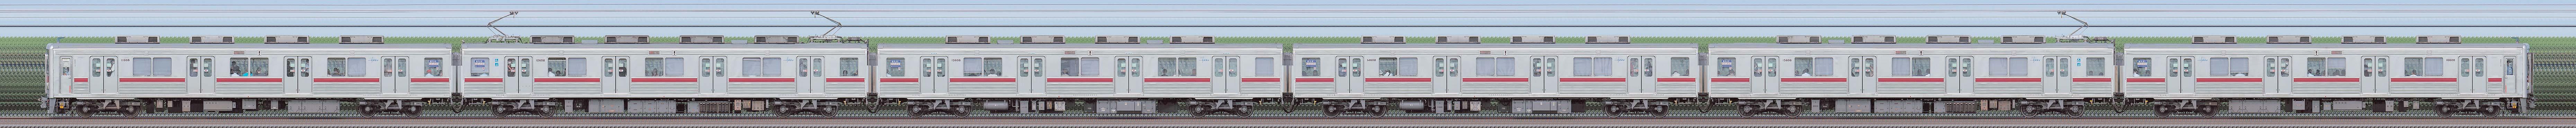 東武10000型11608編成(リニューアル車・海側)の編成サイドビュー